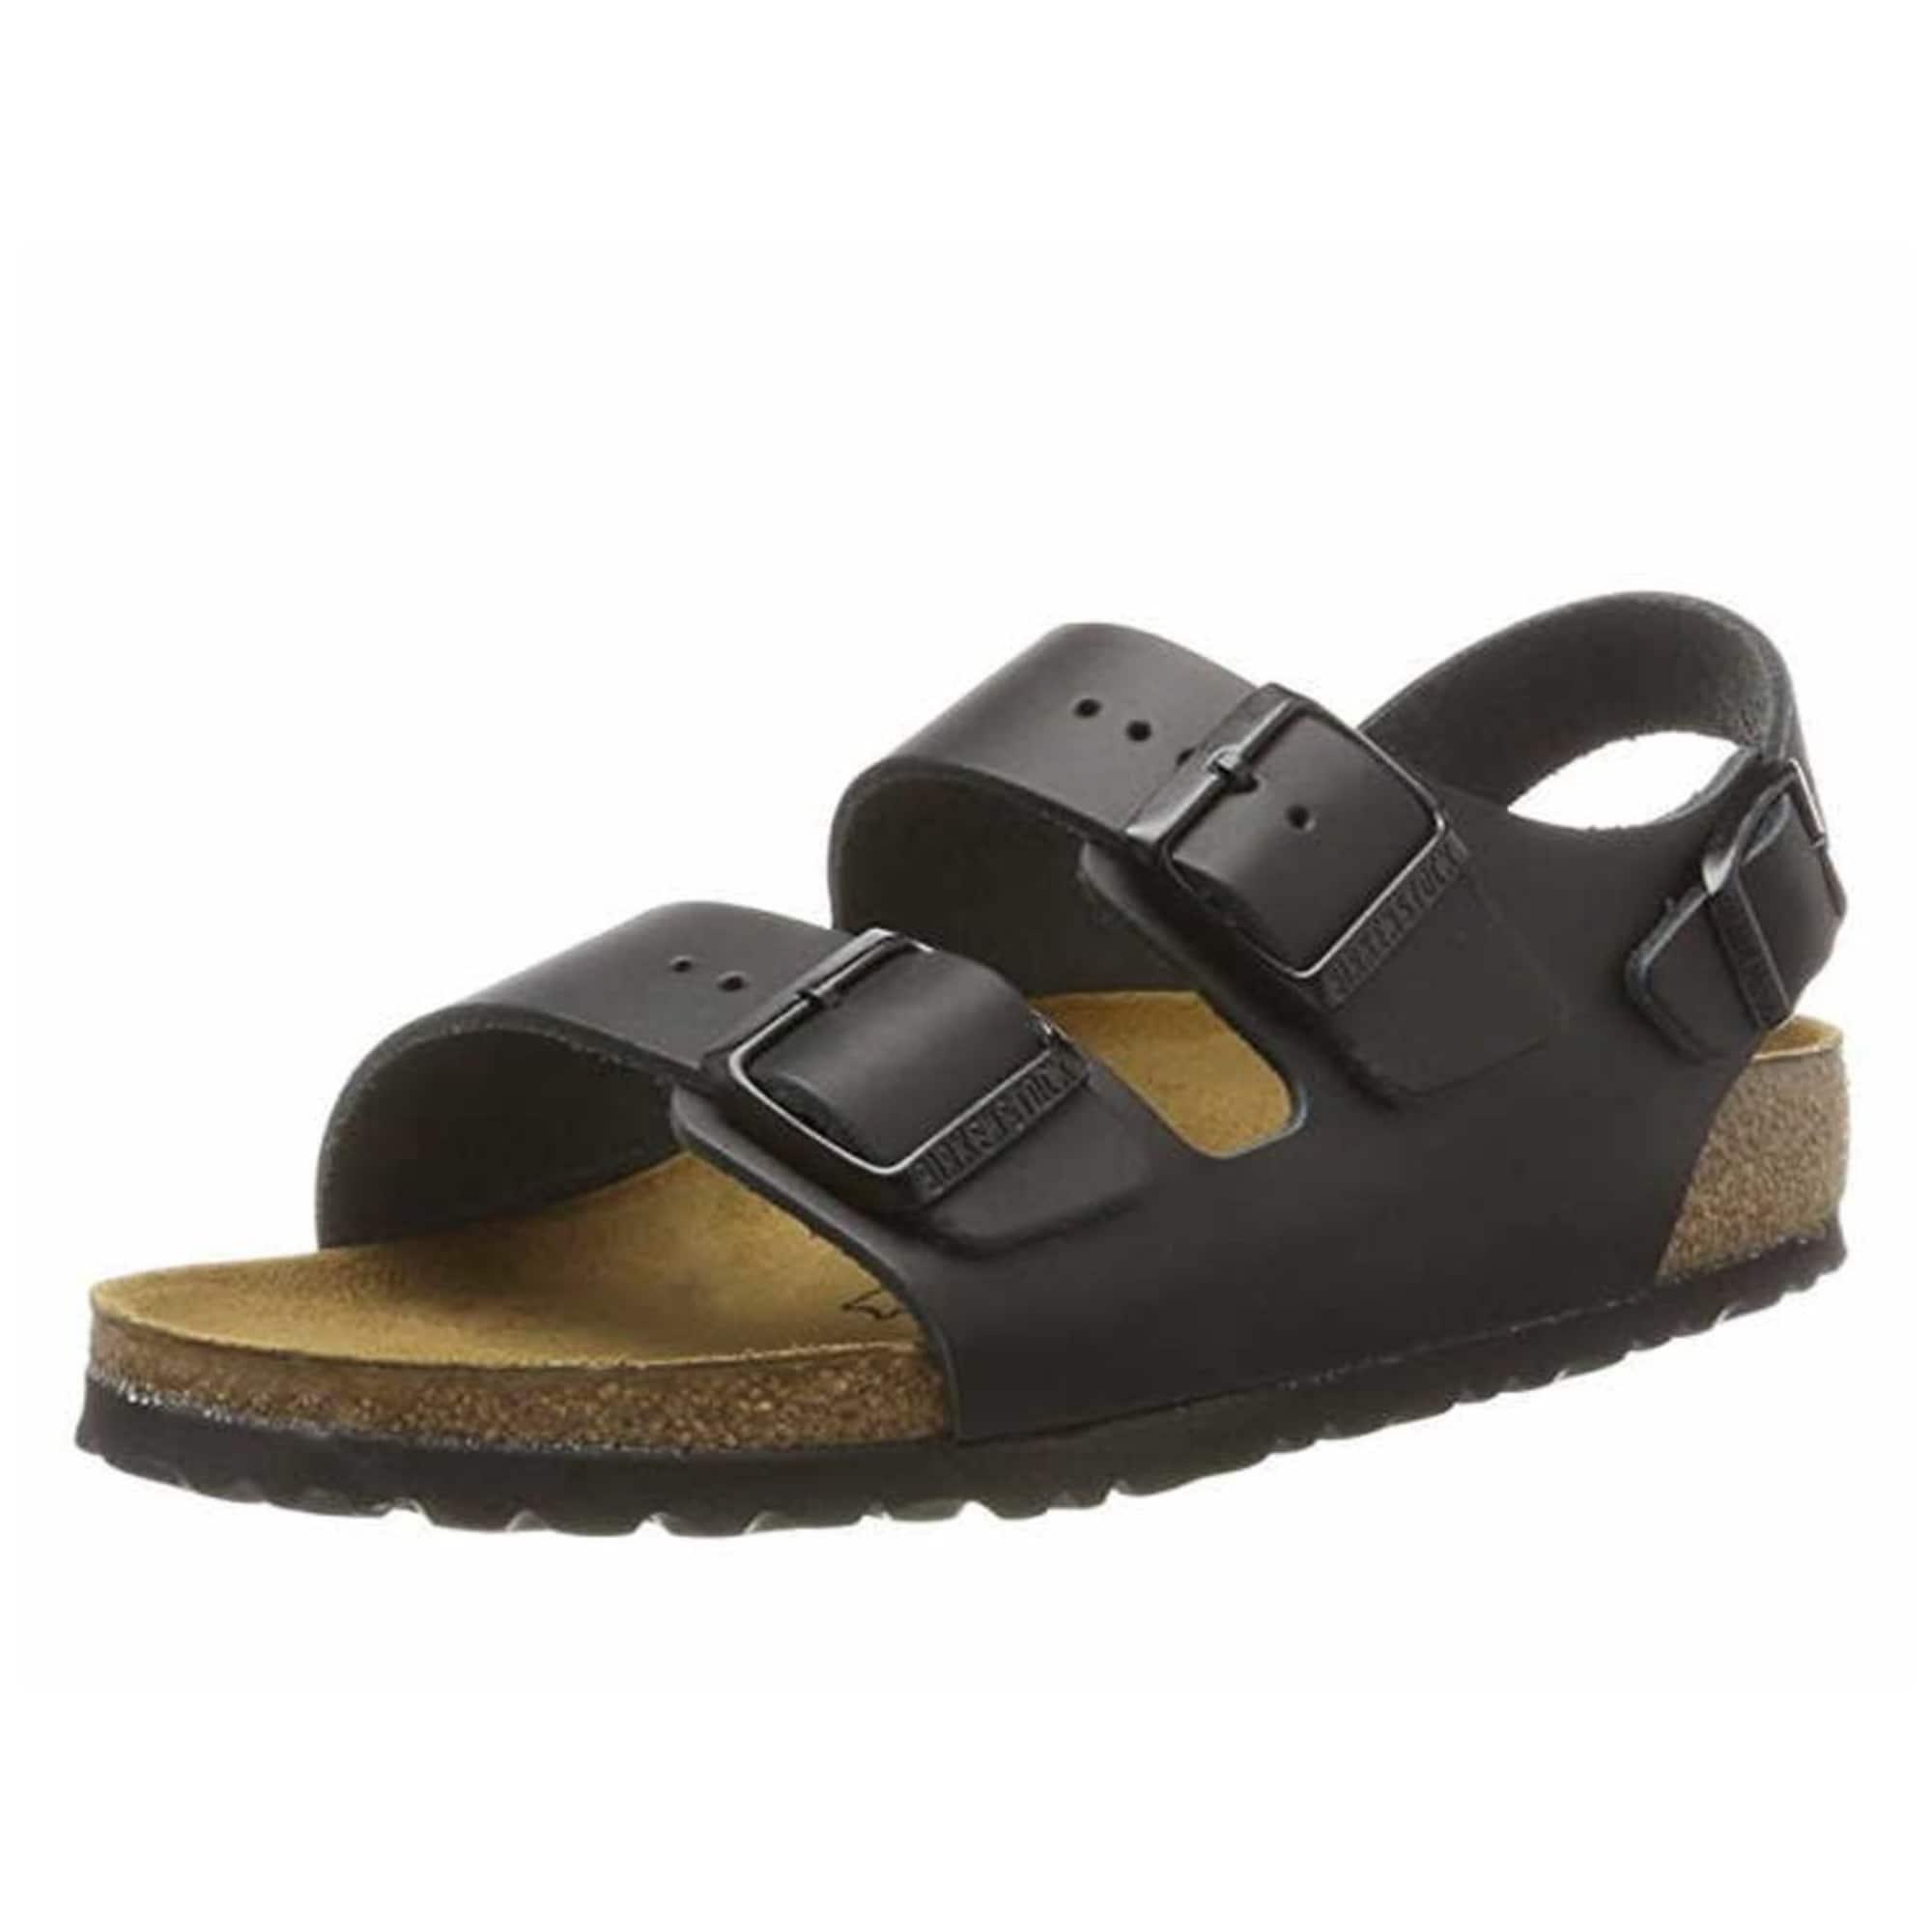 BIRKENSTOCK Sandalai juoda